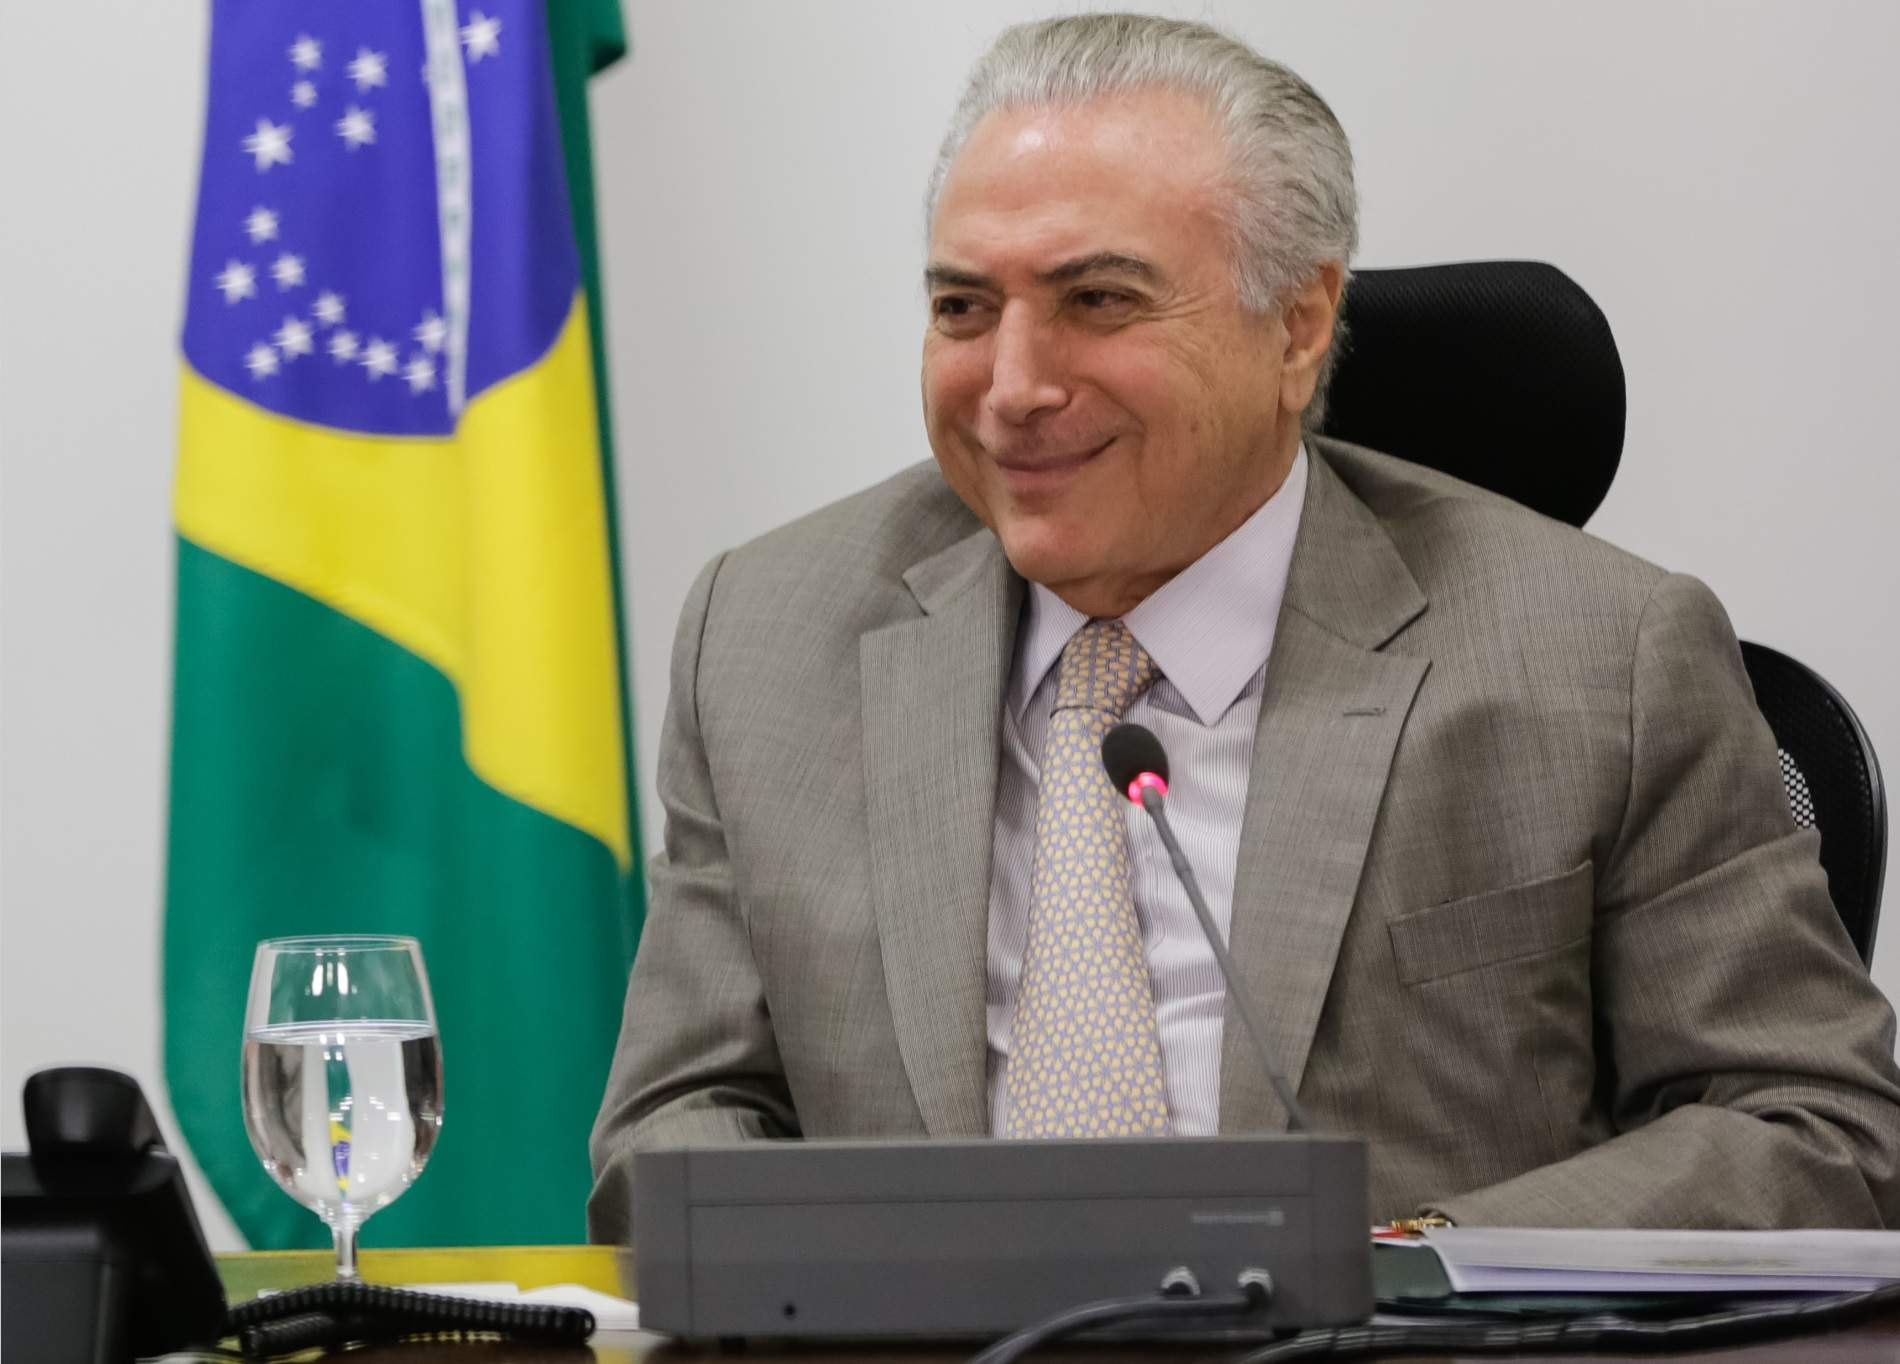 Governo zerou fila de espera no Bolsa Família, diz Temer em cerimônia no Planalto